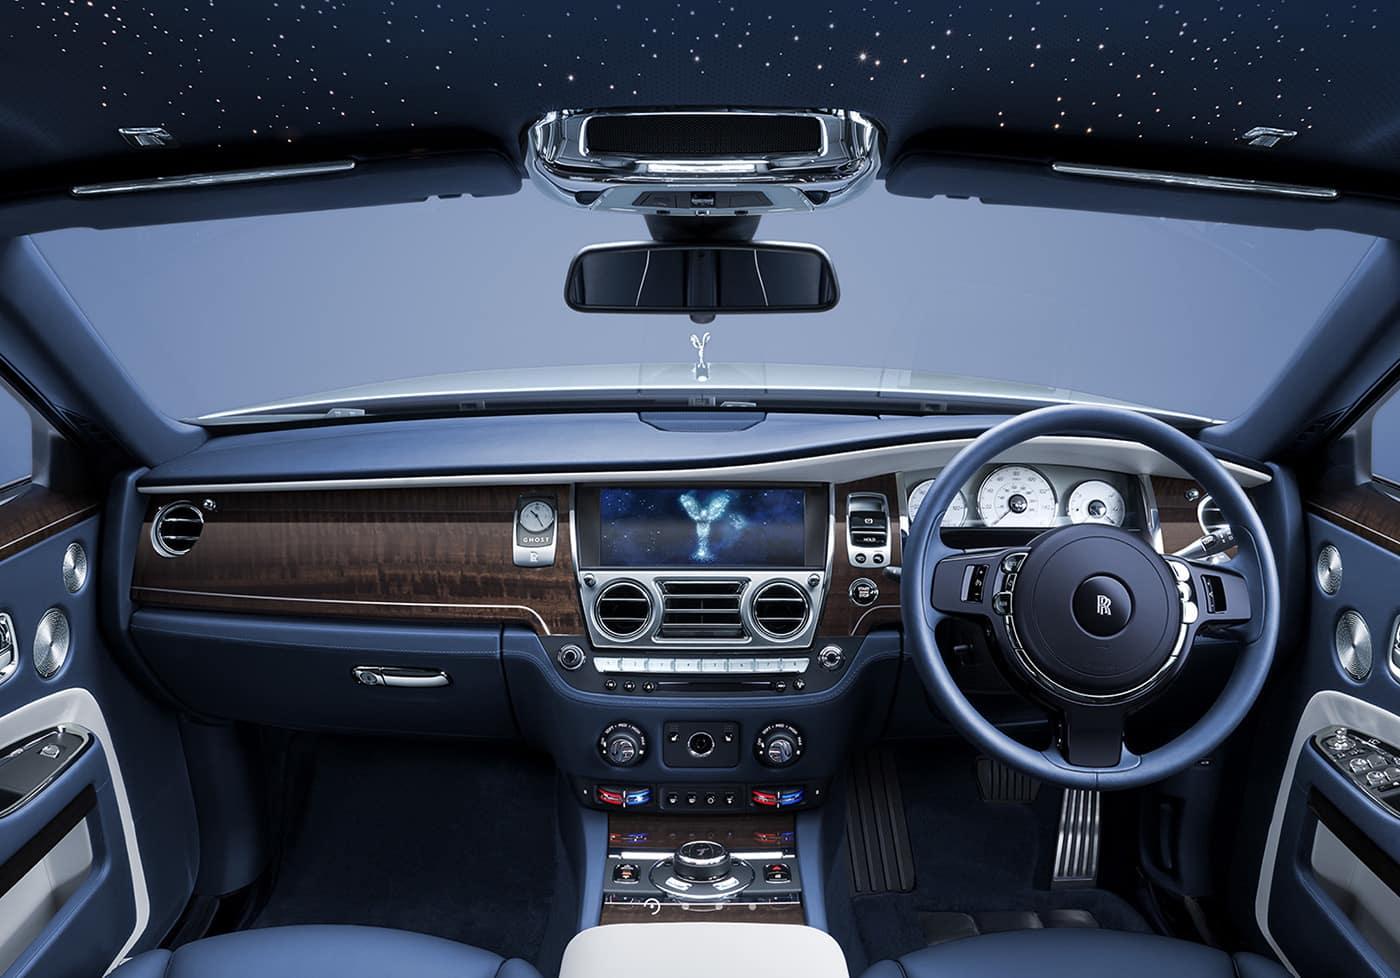 2020 Rolls Royce Dash